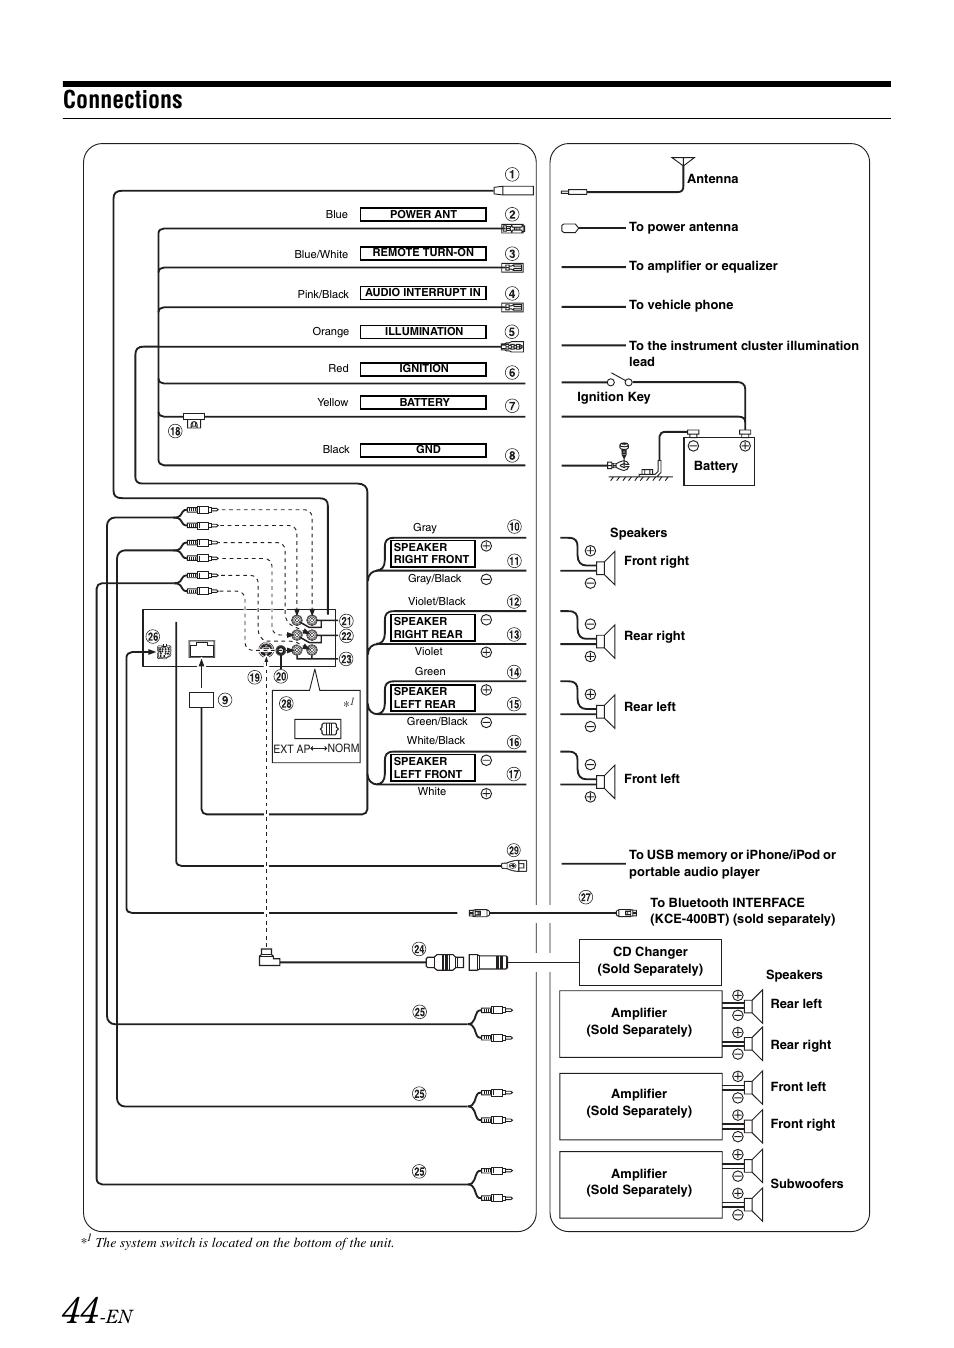 ALPINE IDA-X303 MANUAL PDF